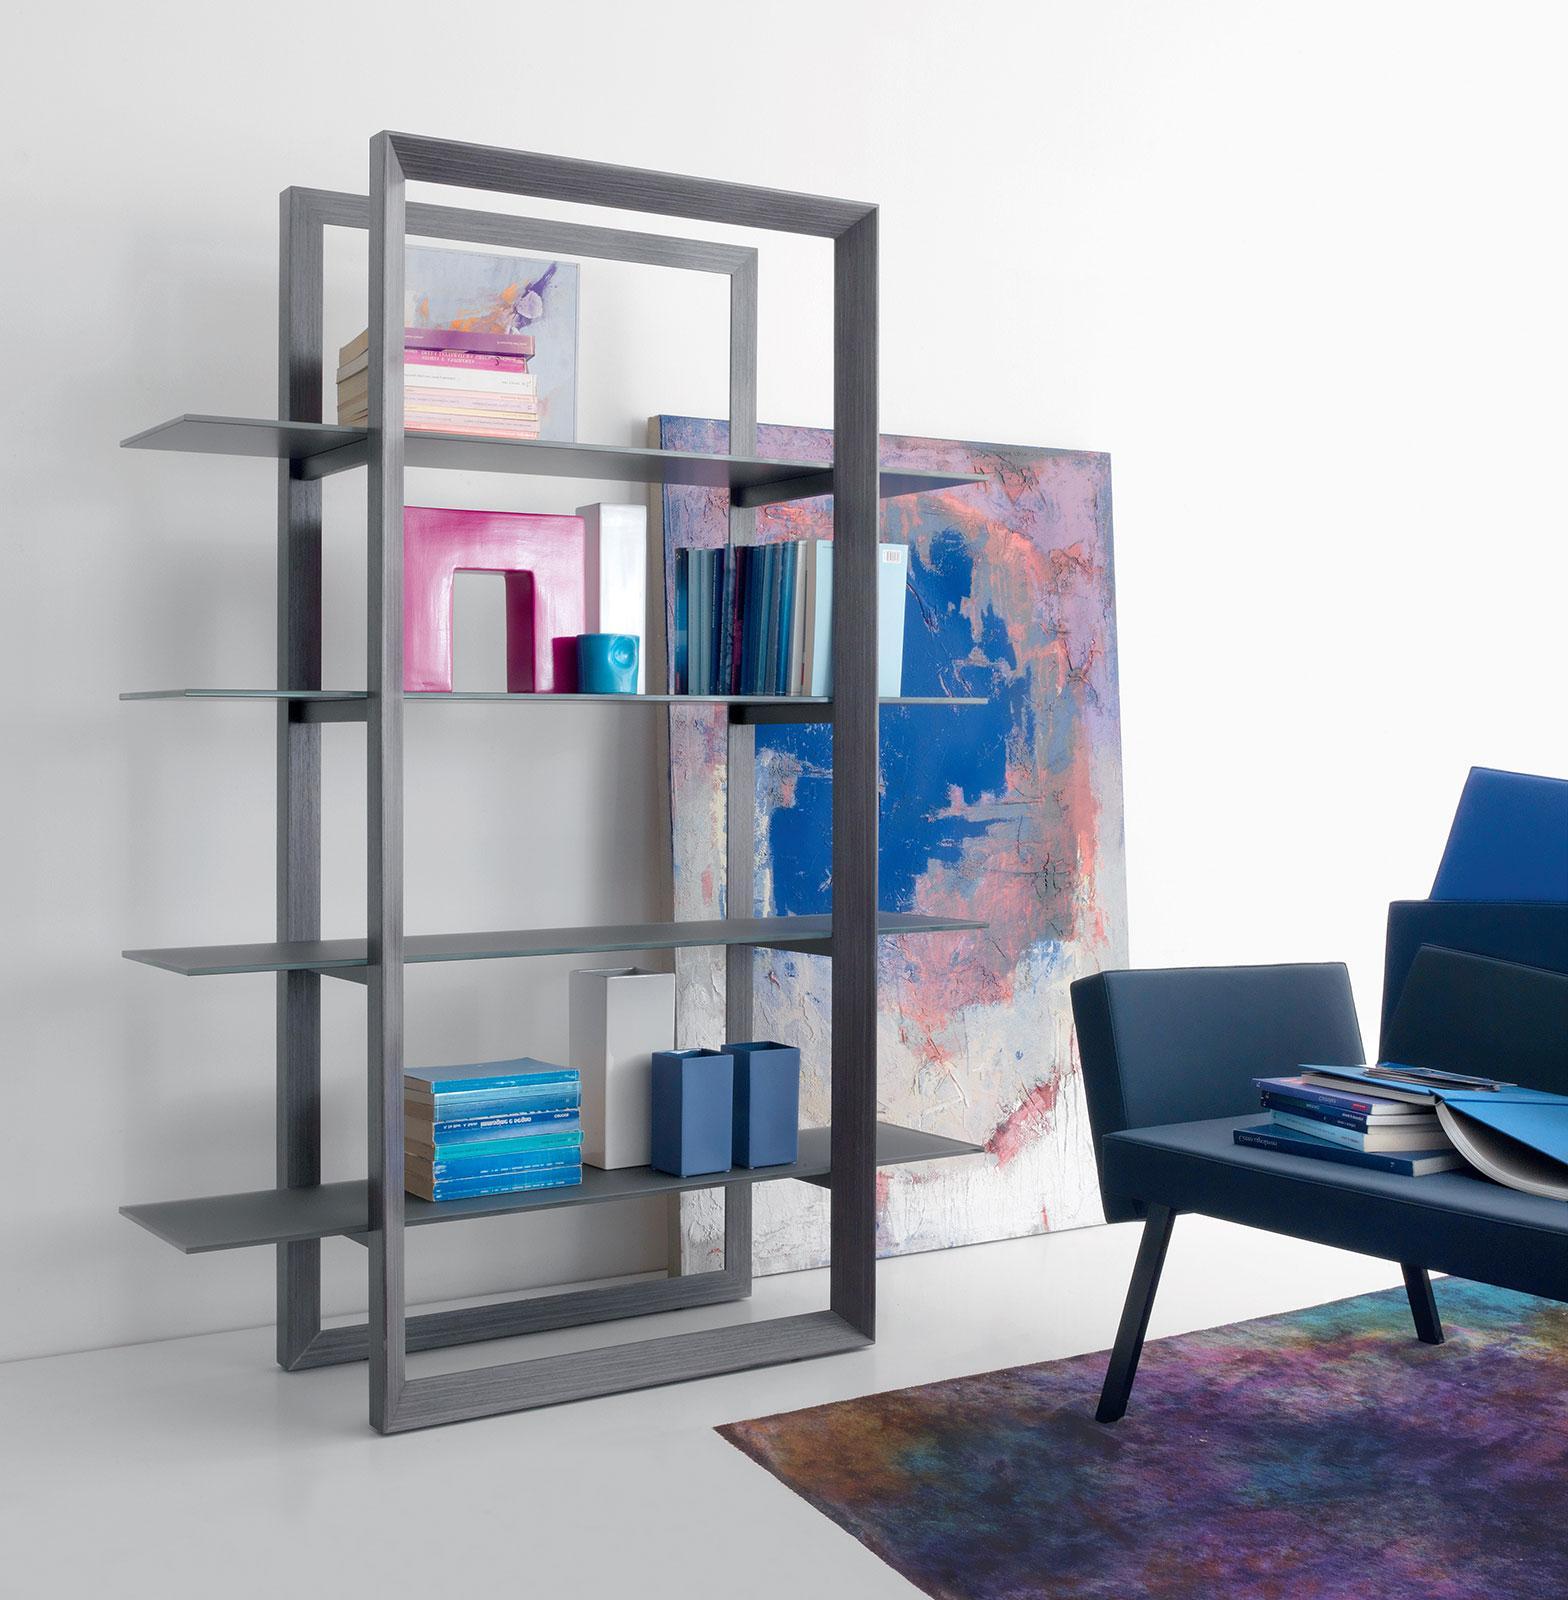 Librerie e mensole bacheca libreria etagere a muro in for Planimetrie delle case con struttura in metallo